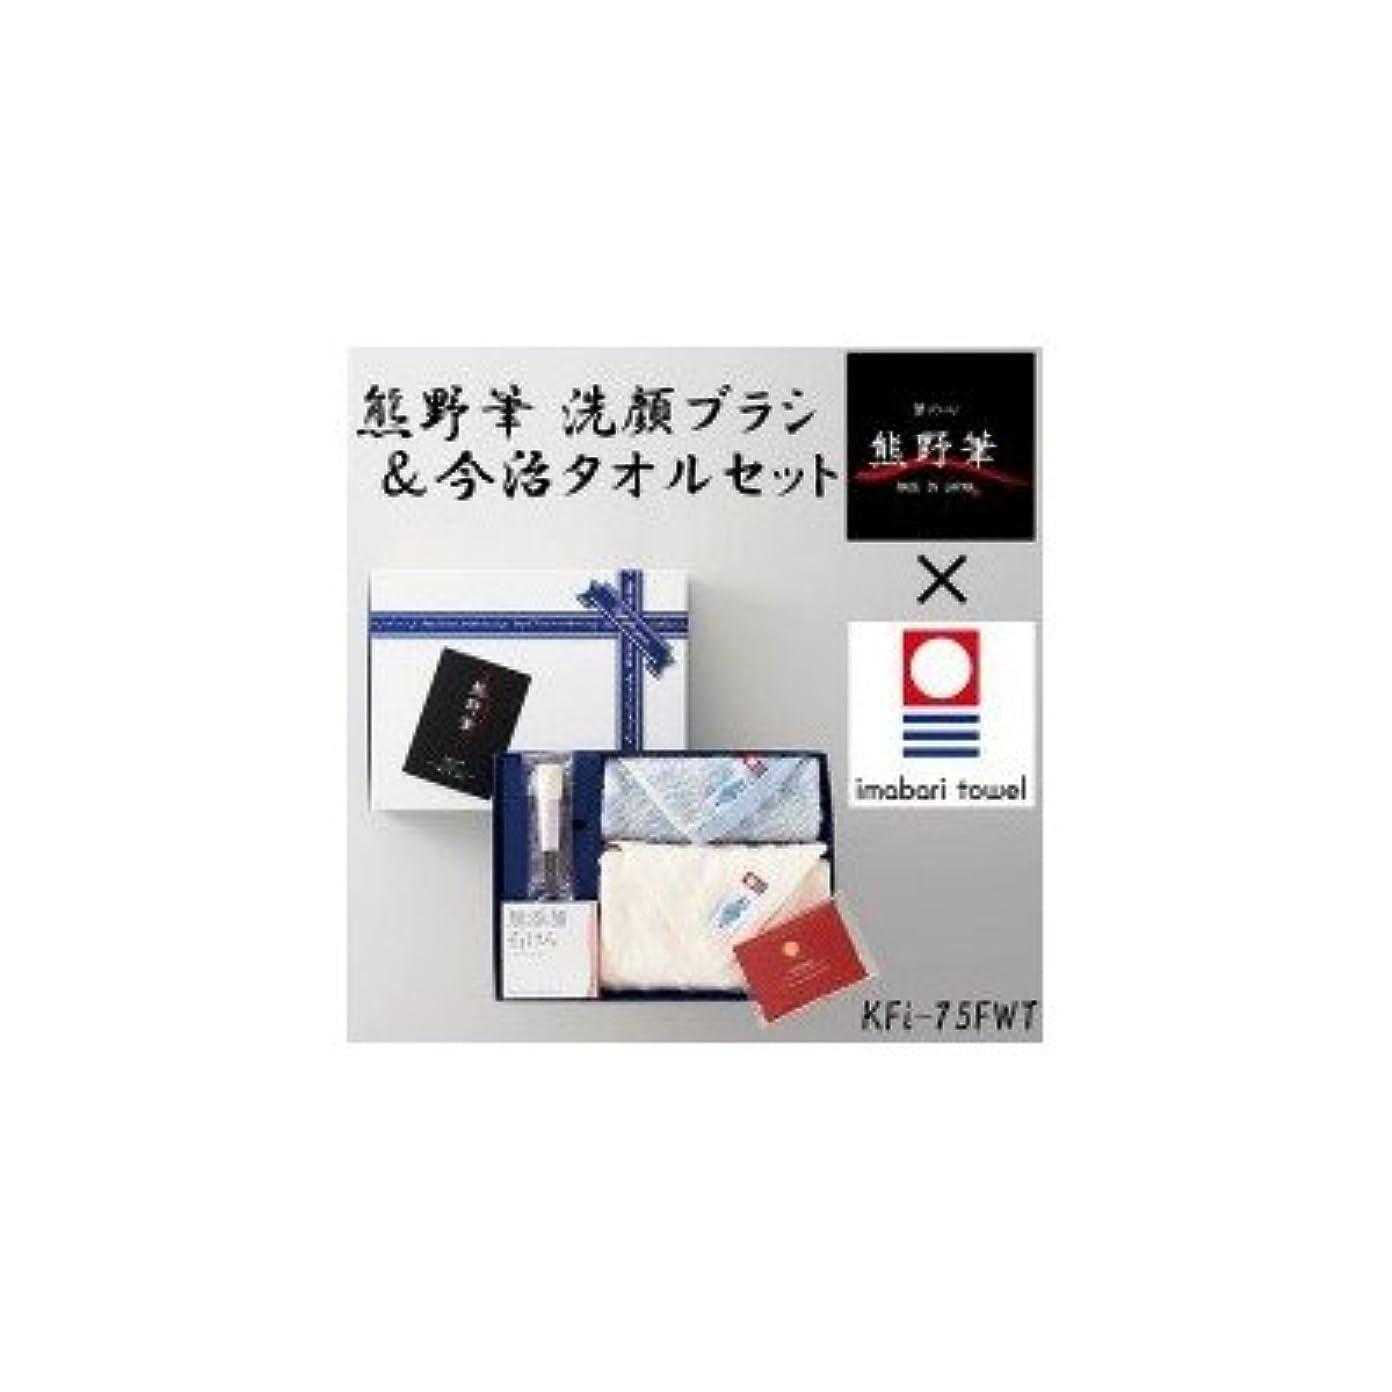 塩辛いディベート差別的熊野筆と今治タオルのコラボレーション 熊野筆 洗顔ブラシ&今治タオルセット KFi-75FWT